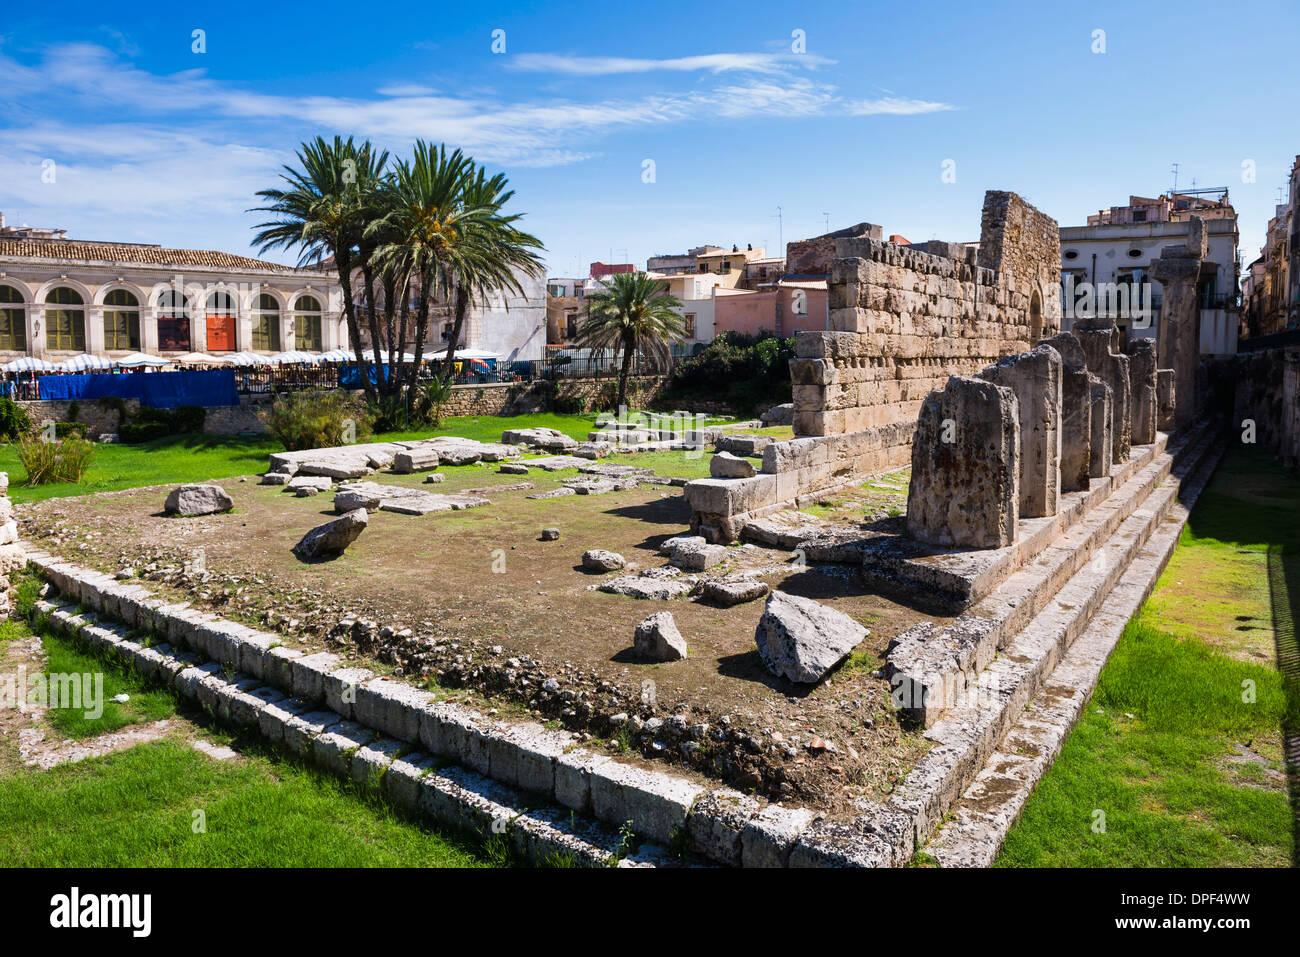 Temple of Apollo (Tempio di Apollo), Ortigia (Ortygia), Syracuse (Siracusa), UNESCO World Heritage Site, Sicily, Italy, Europe - Stock Image